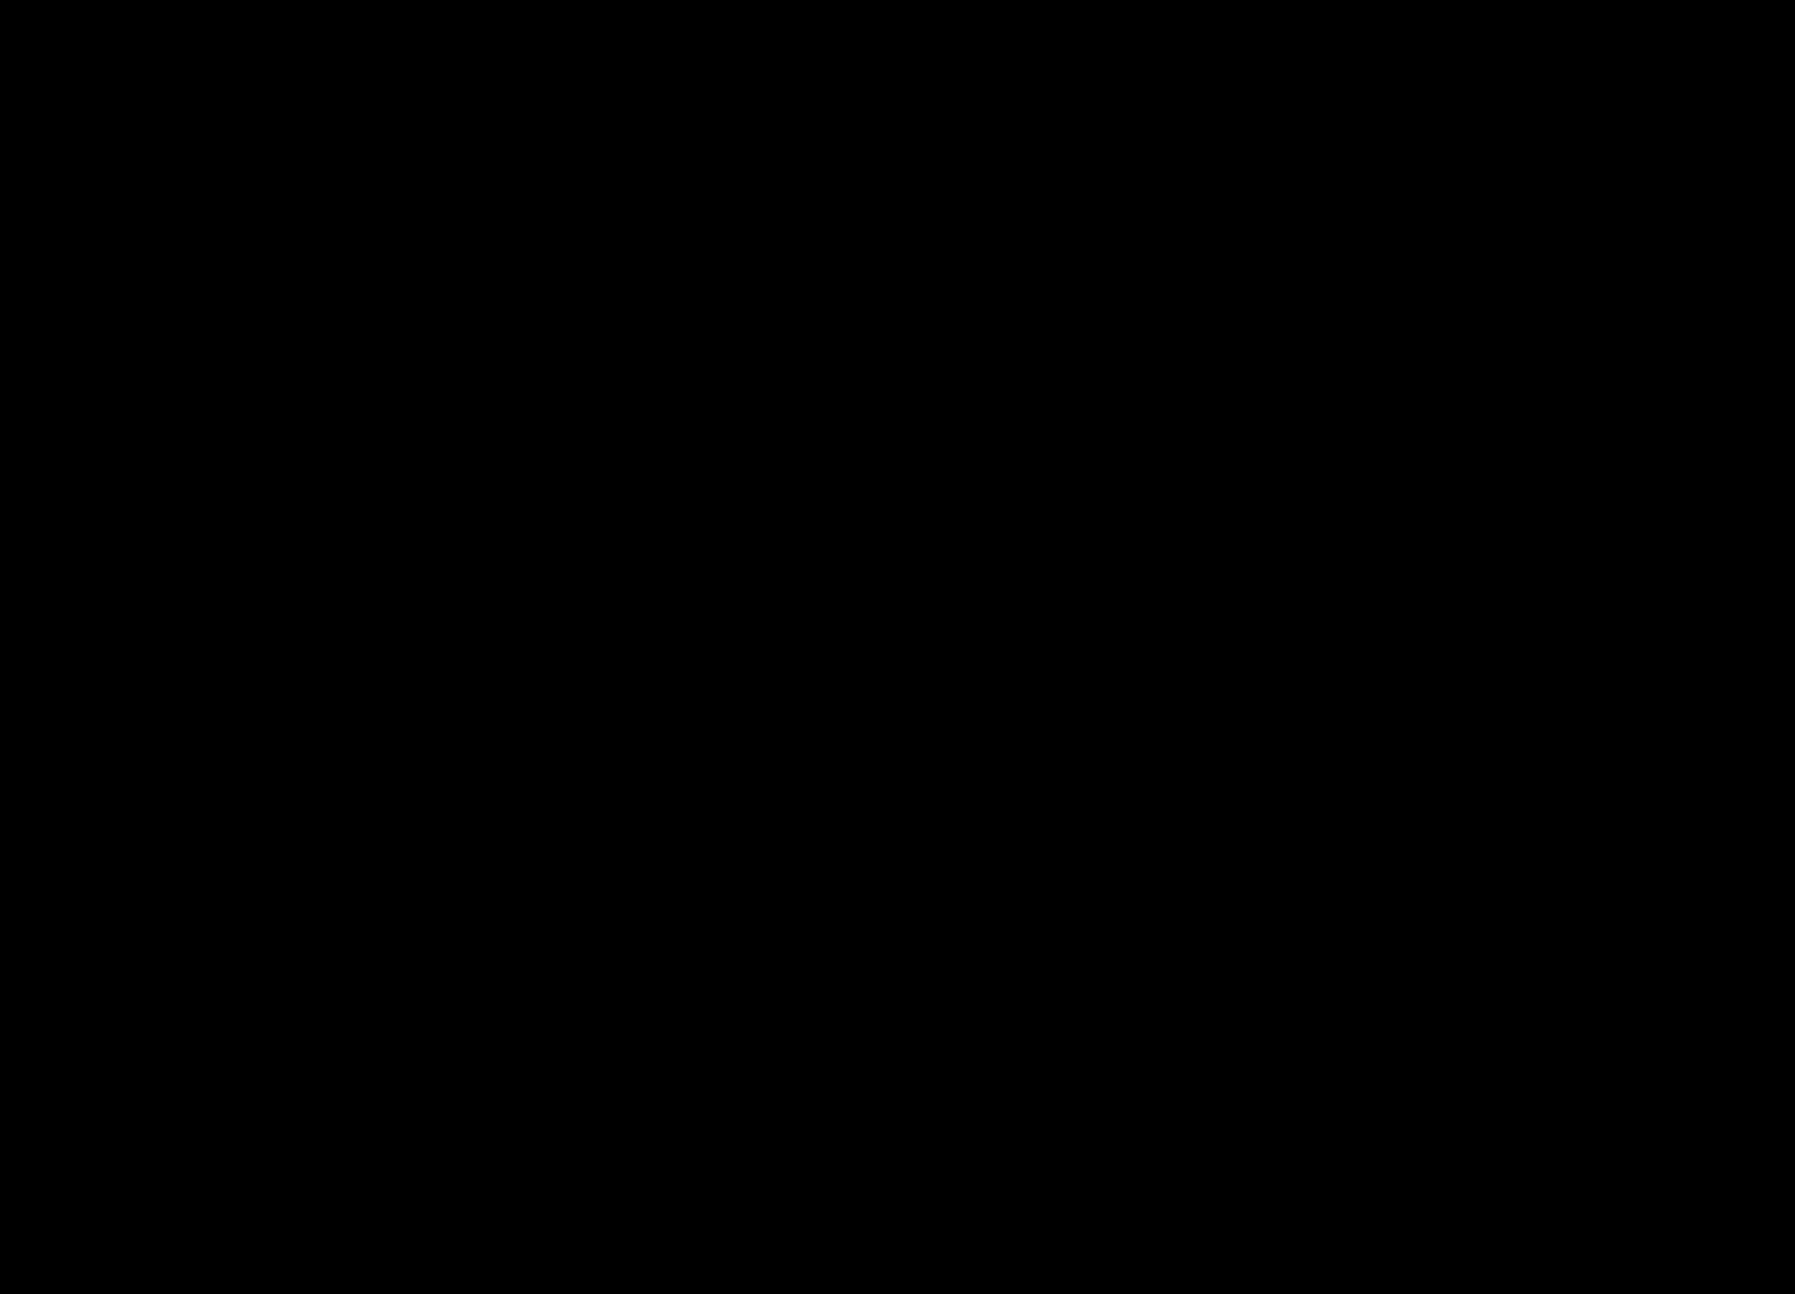 ノイロ.2nd-diningロゴ完成版.png